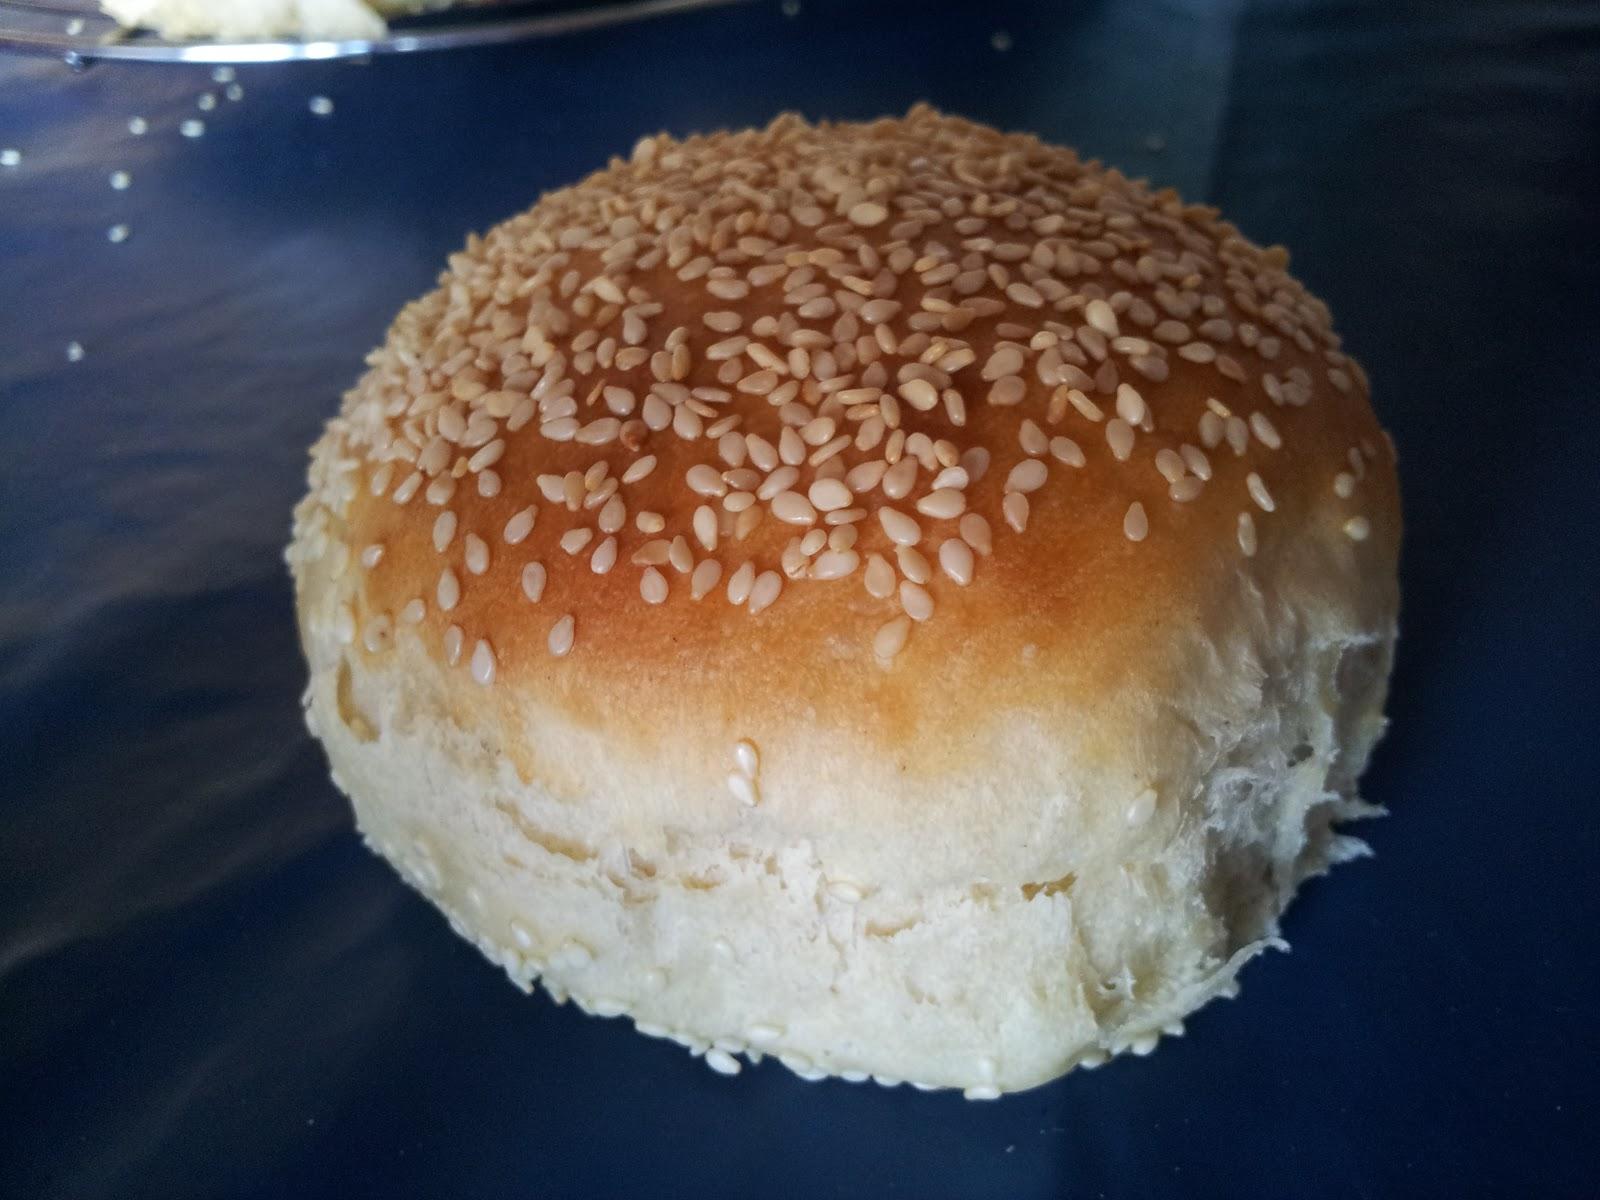 La cuisine de mimi top 10 des recettes du mois de f vrier - Recette pain sans levure ...